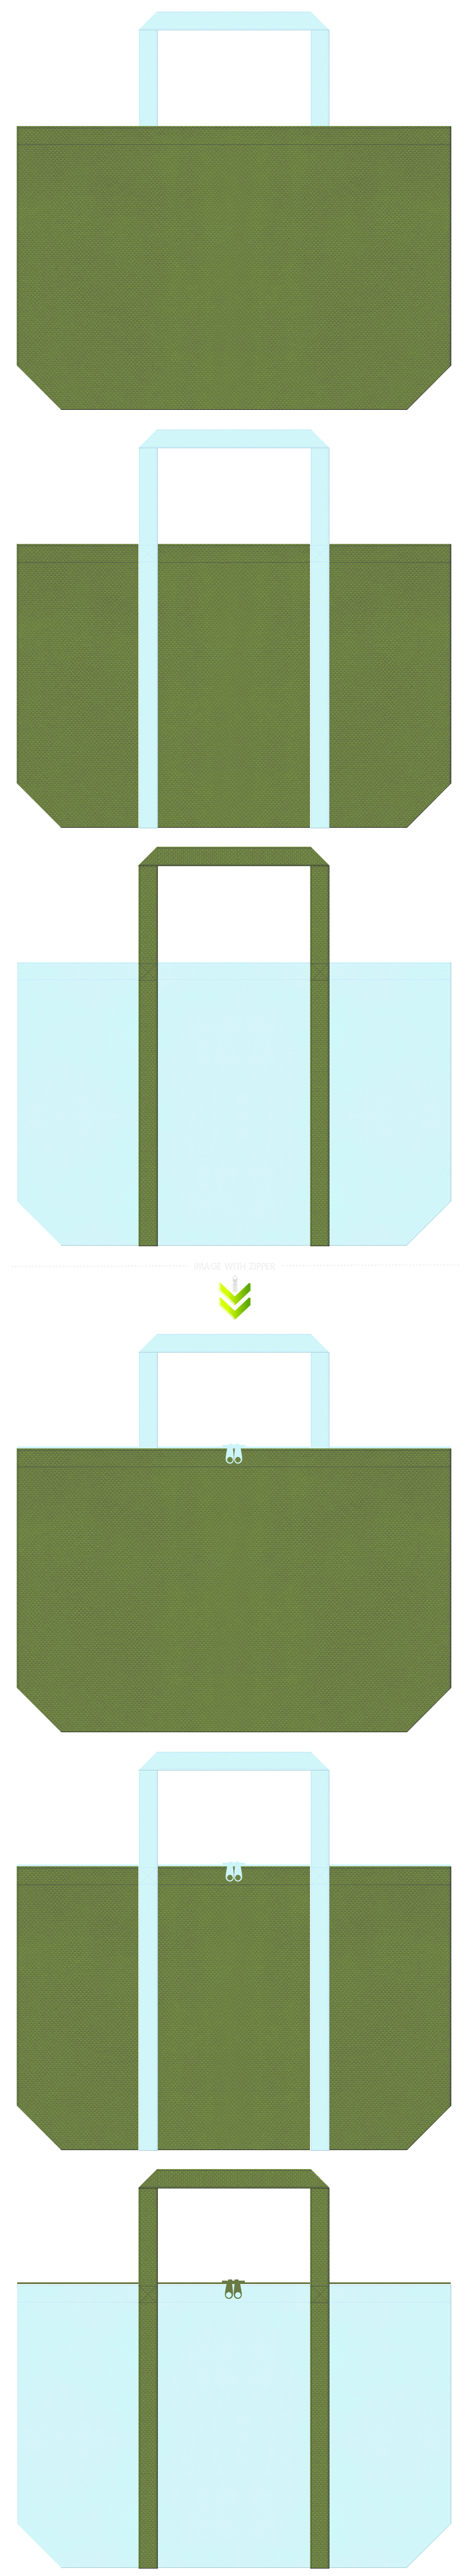 草色と水色の不織布エコバッグのデザイン。ビオトープ・造園用品の展示会用バッグにお奨めです。